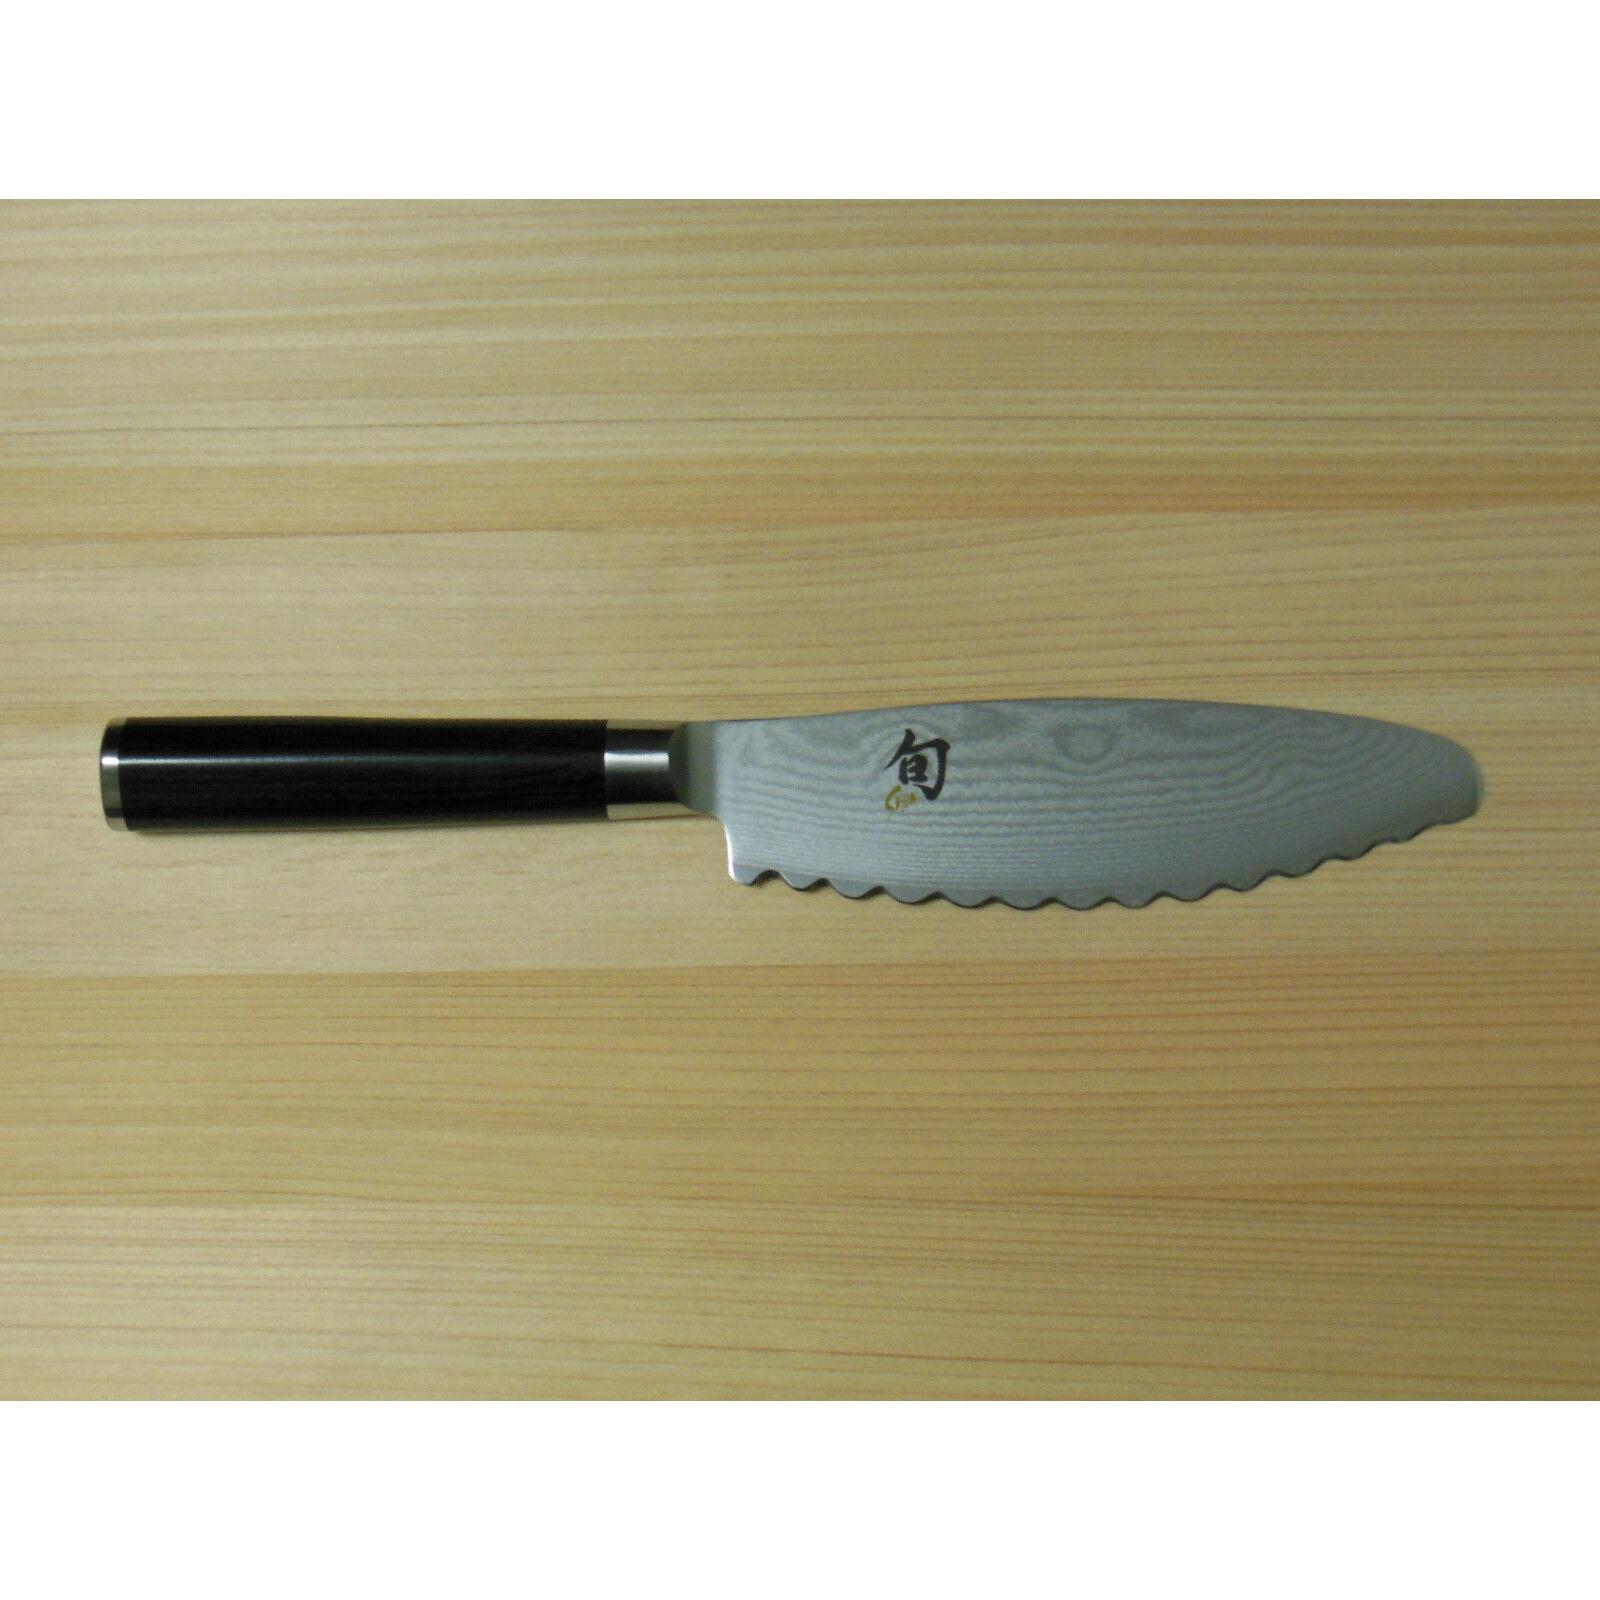 Nouveau  Shun Classic 6  Ultimate Couteau DM0741 VG10 Damas U2 Japon Kai